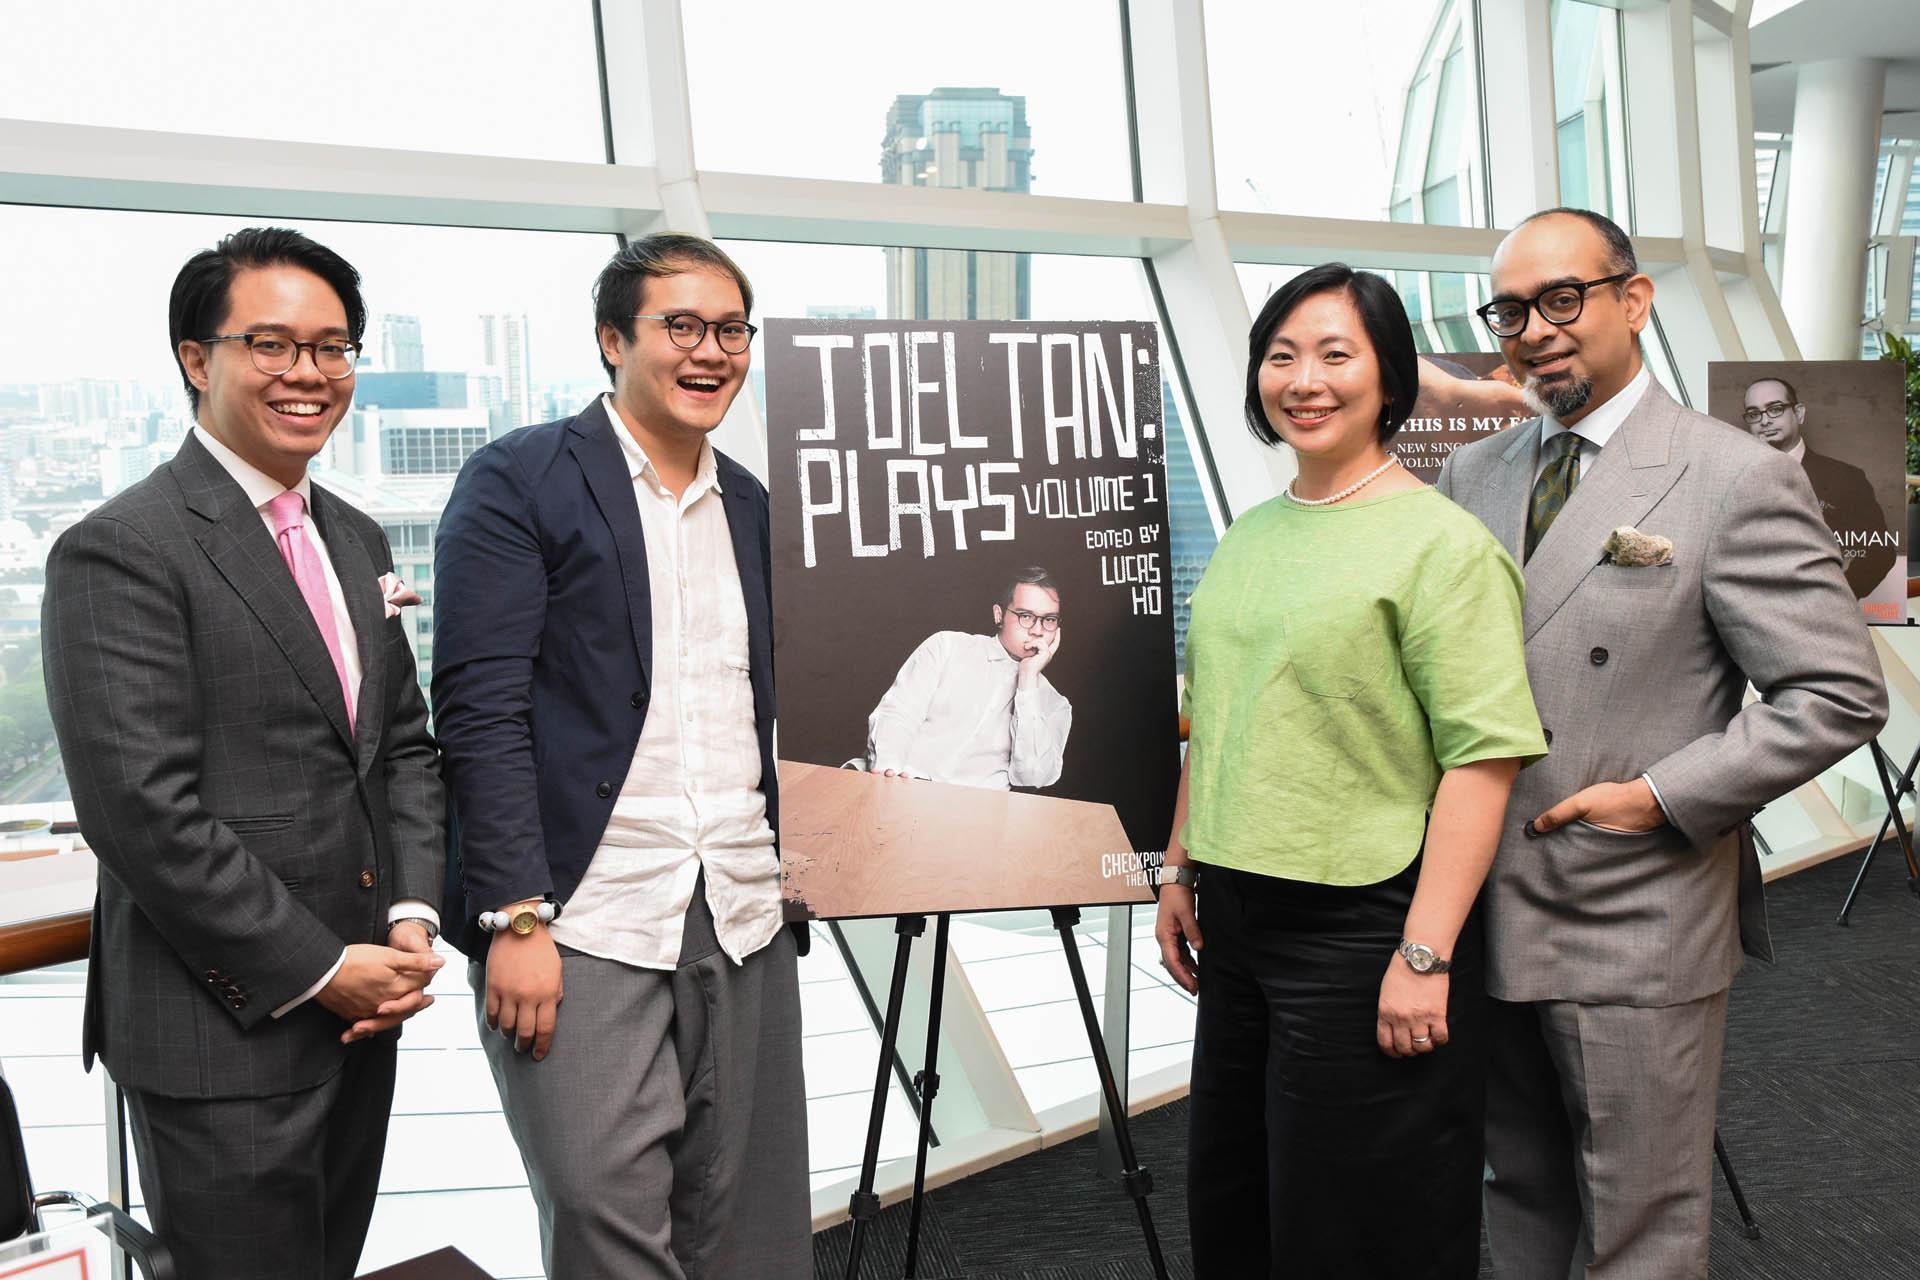 Book Launch of Joel Tan: Plays Volume 1